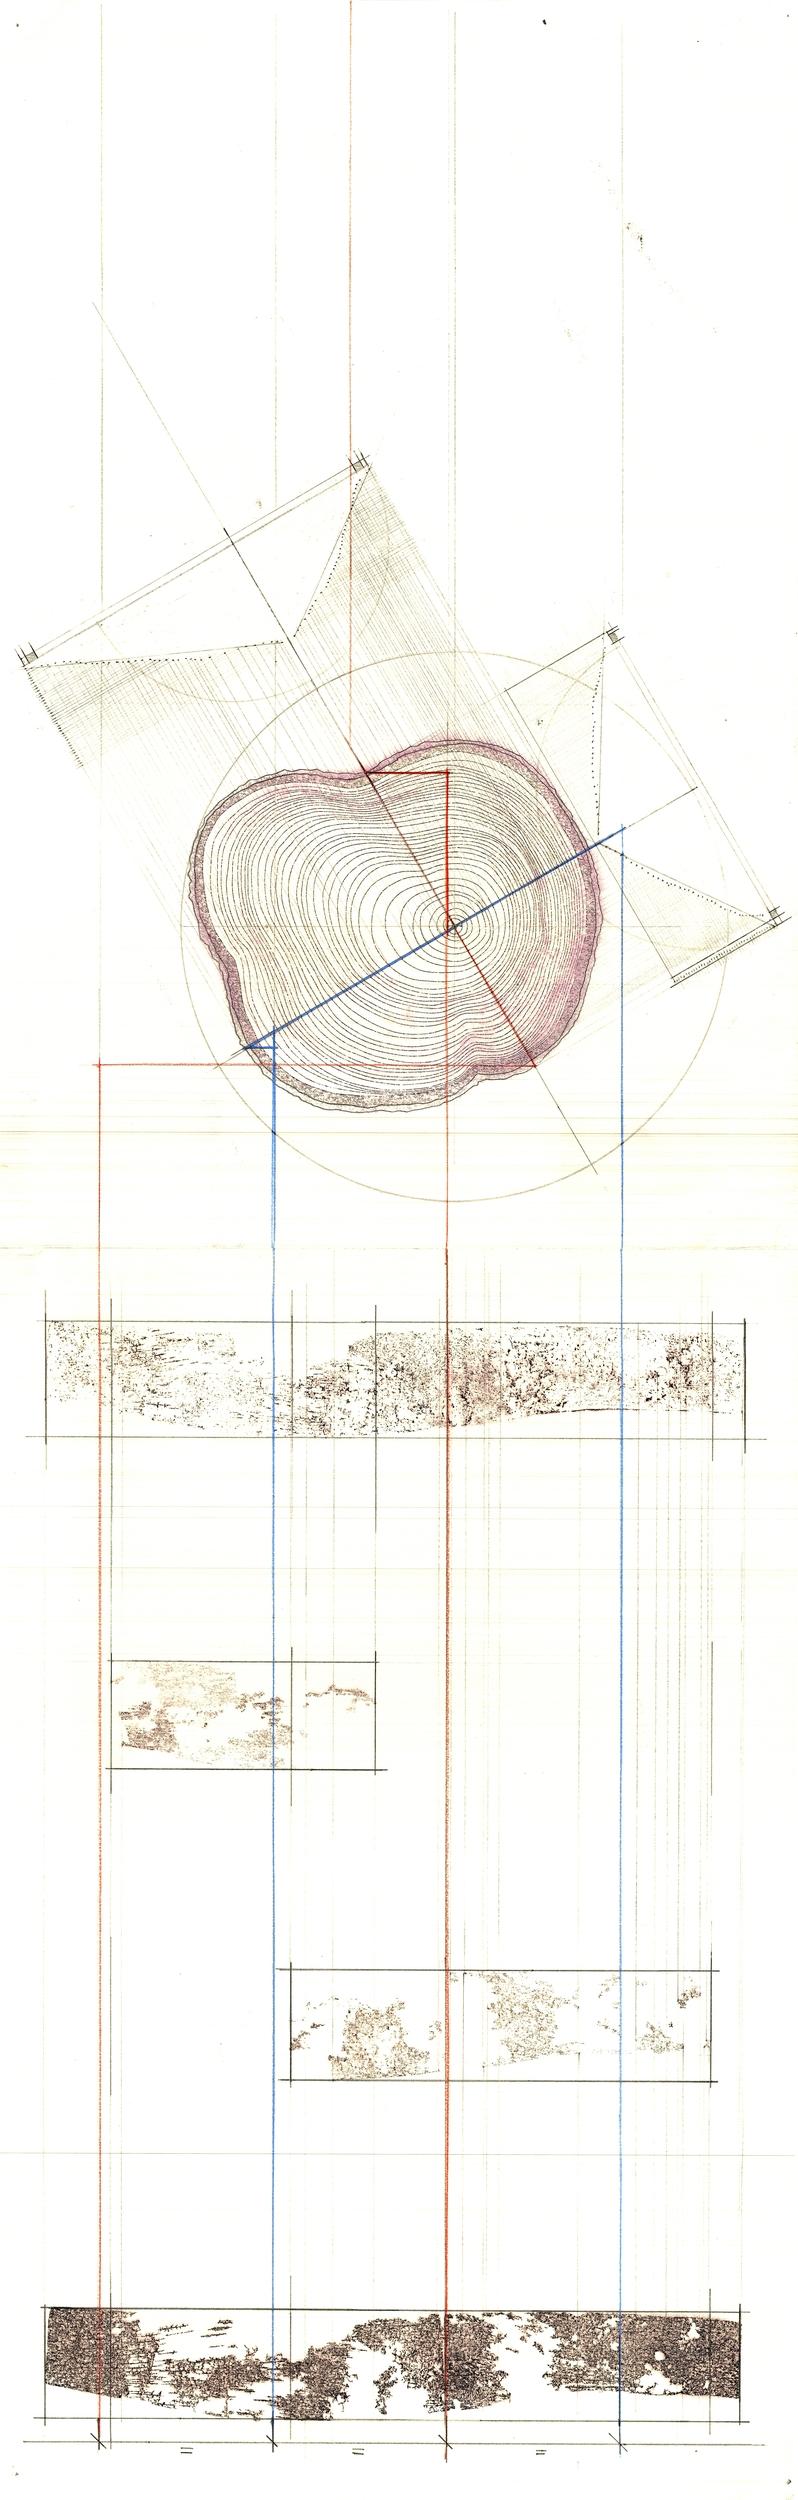 TreeScan002.jpg